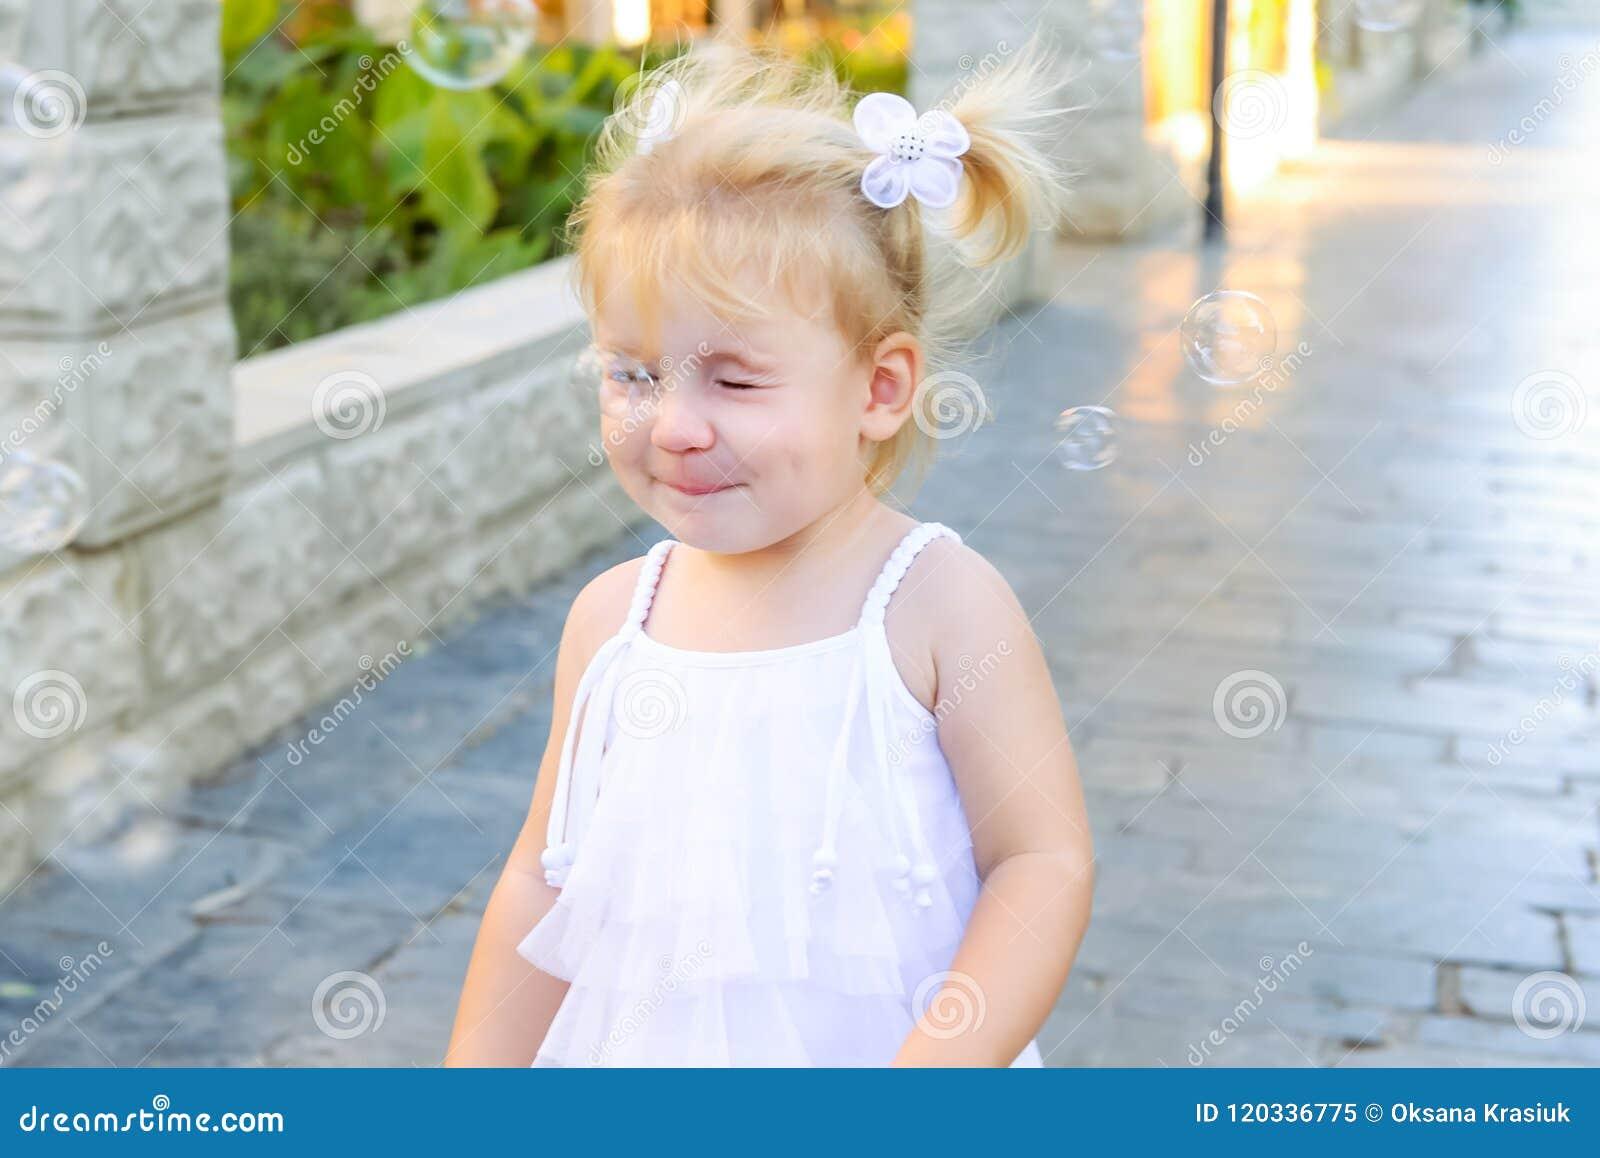 Portret van leuk weinig emotioneel blondy peutermeisje in kleding met zeepbels het breken van haar neus Gang in het stadspark act